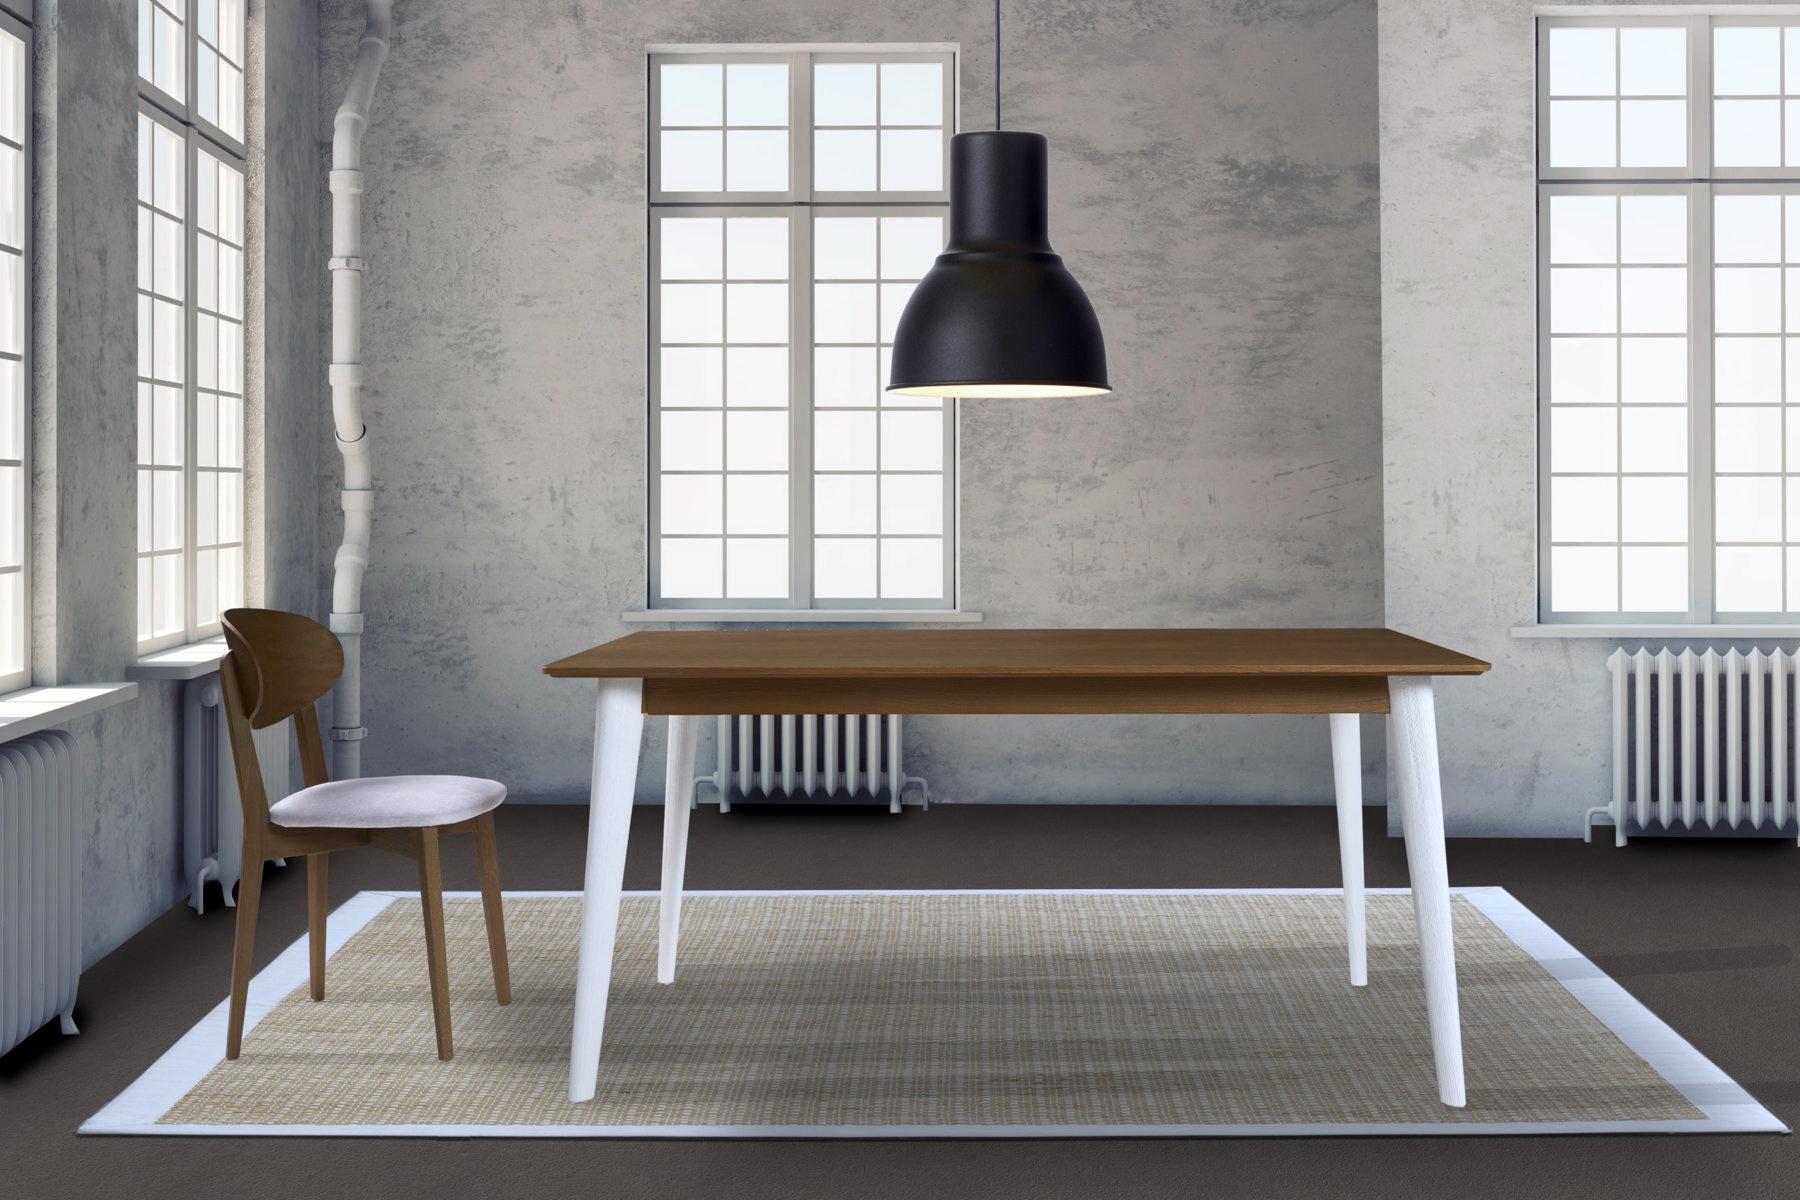 Mesas comedor madera arenada by ecopin muebles anto n for Muebles en leon baratos